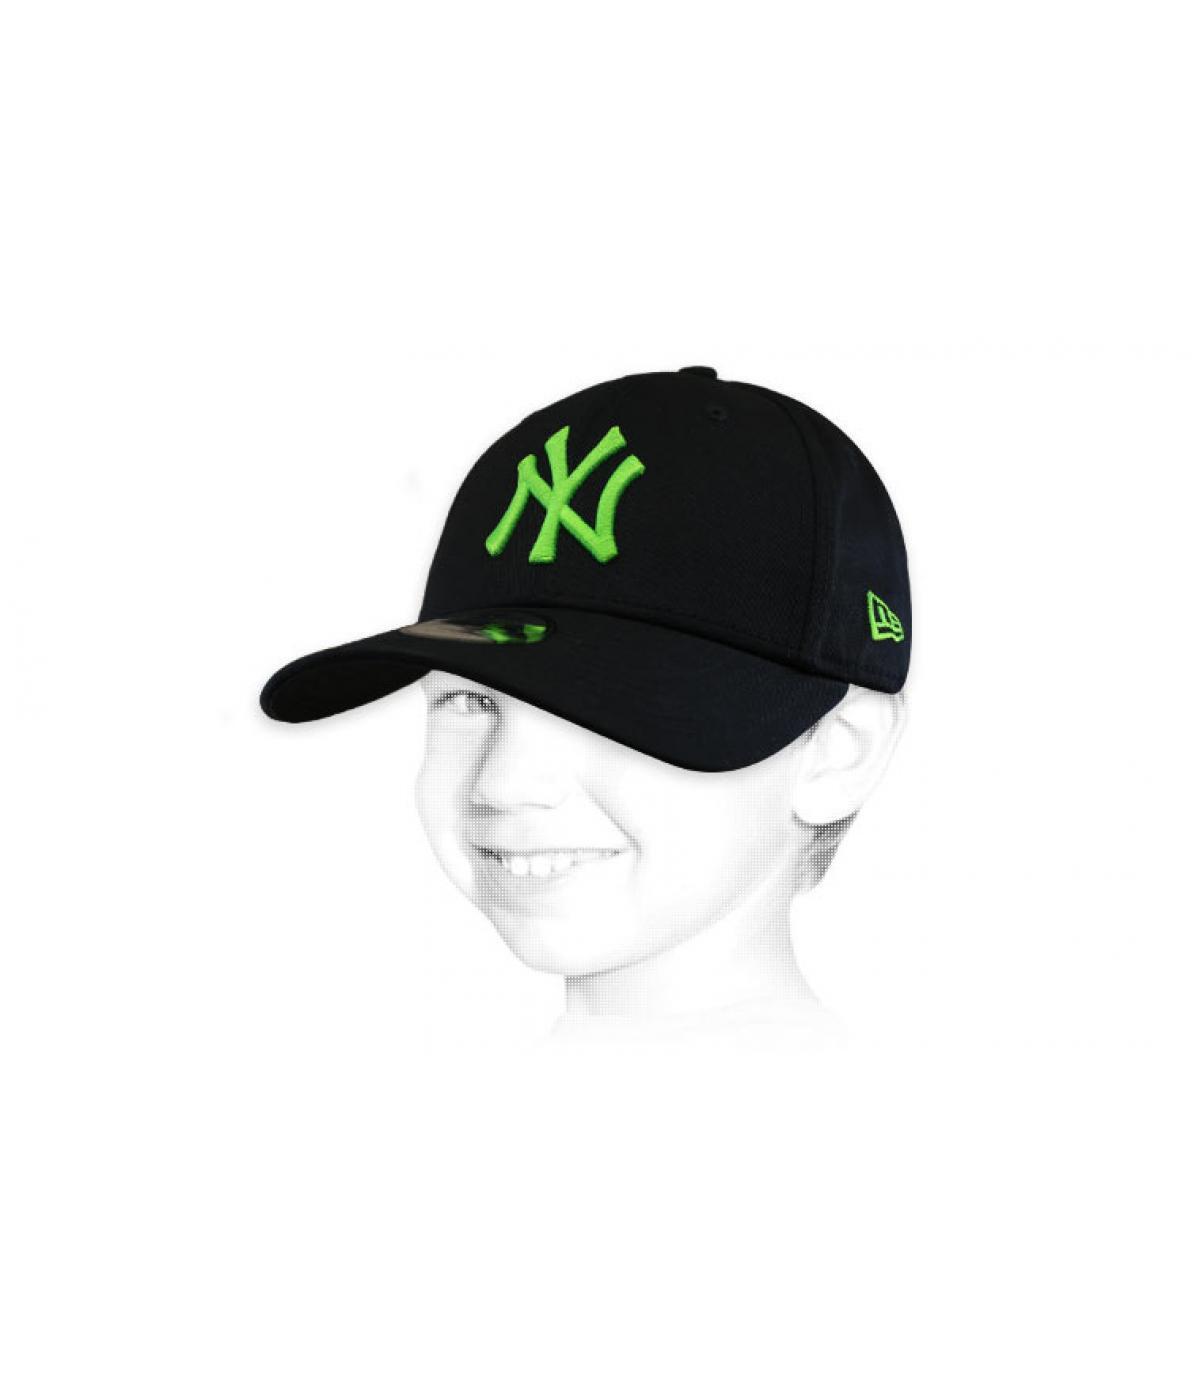 Kinder Cap NY schwarz grün